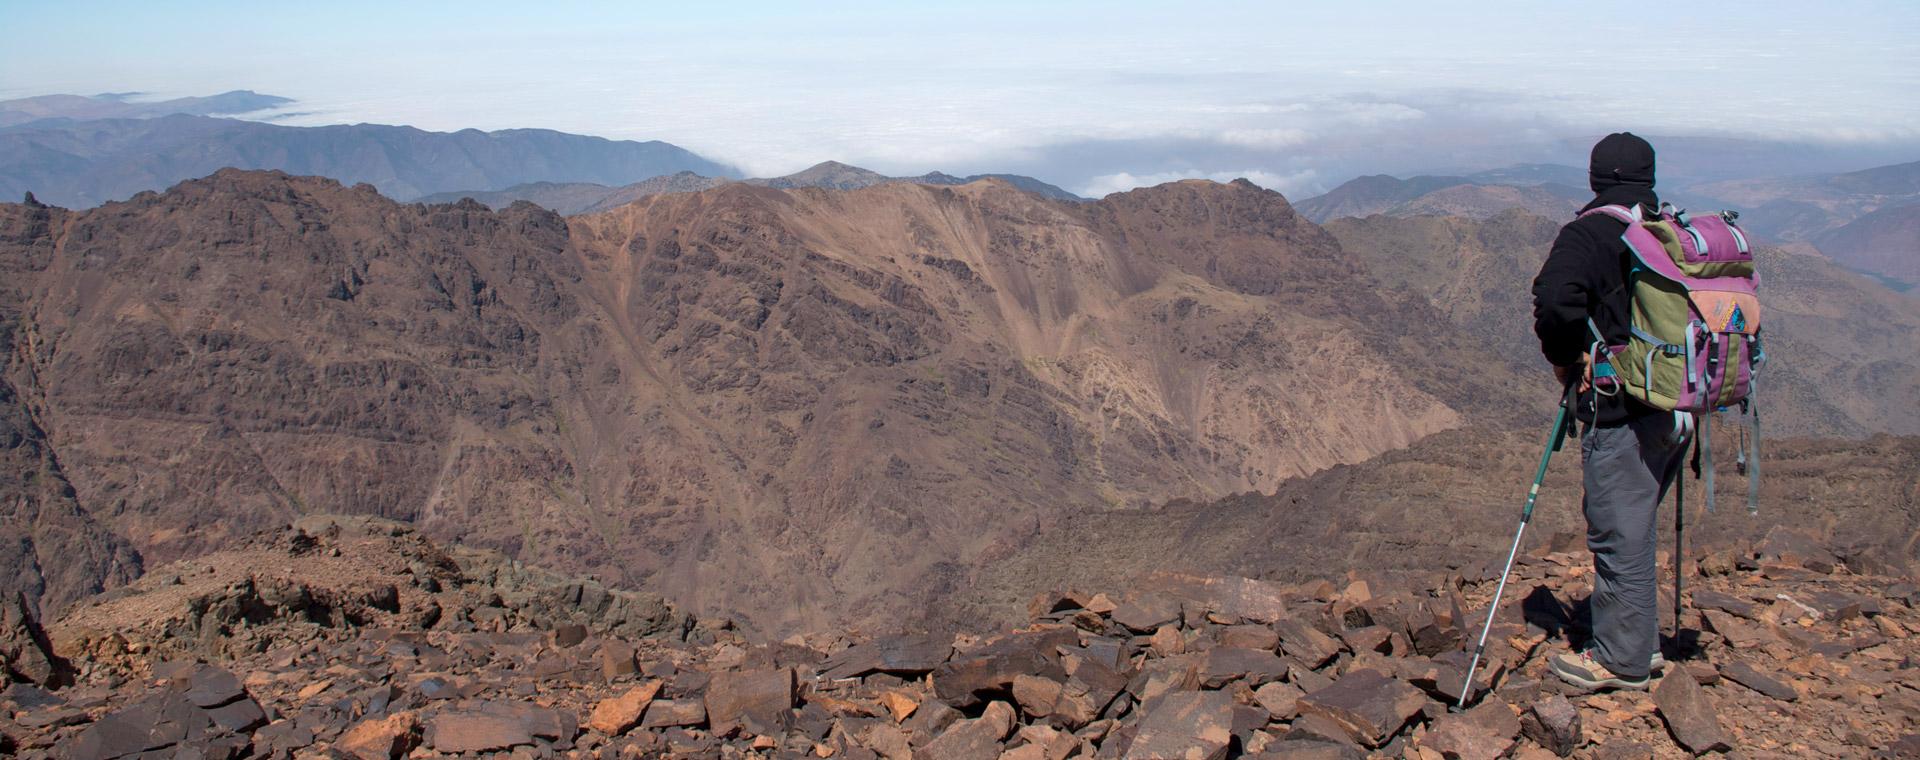 Image Randonnée au Maroc et ascension du Toubkal